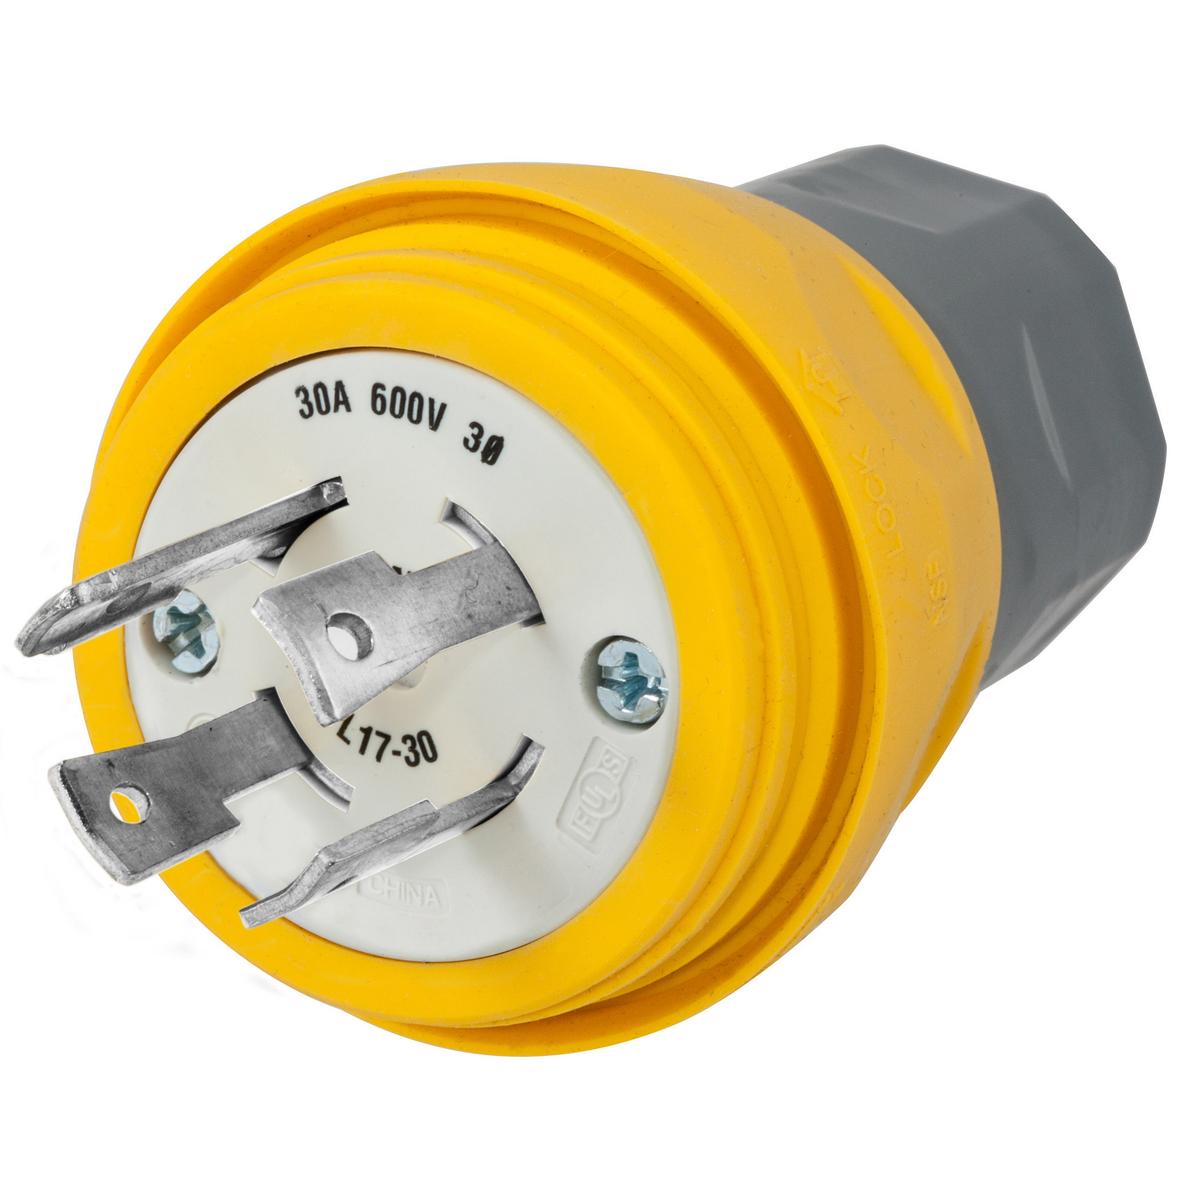 Hubbell HBL28W77 Plug, w/TIGHT, 3P 30A 600V, L17-30P, YL